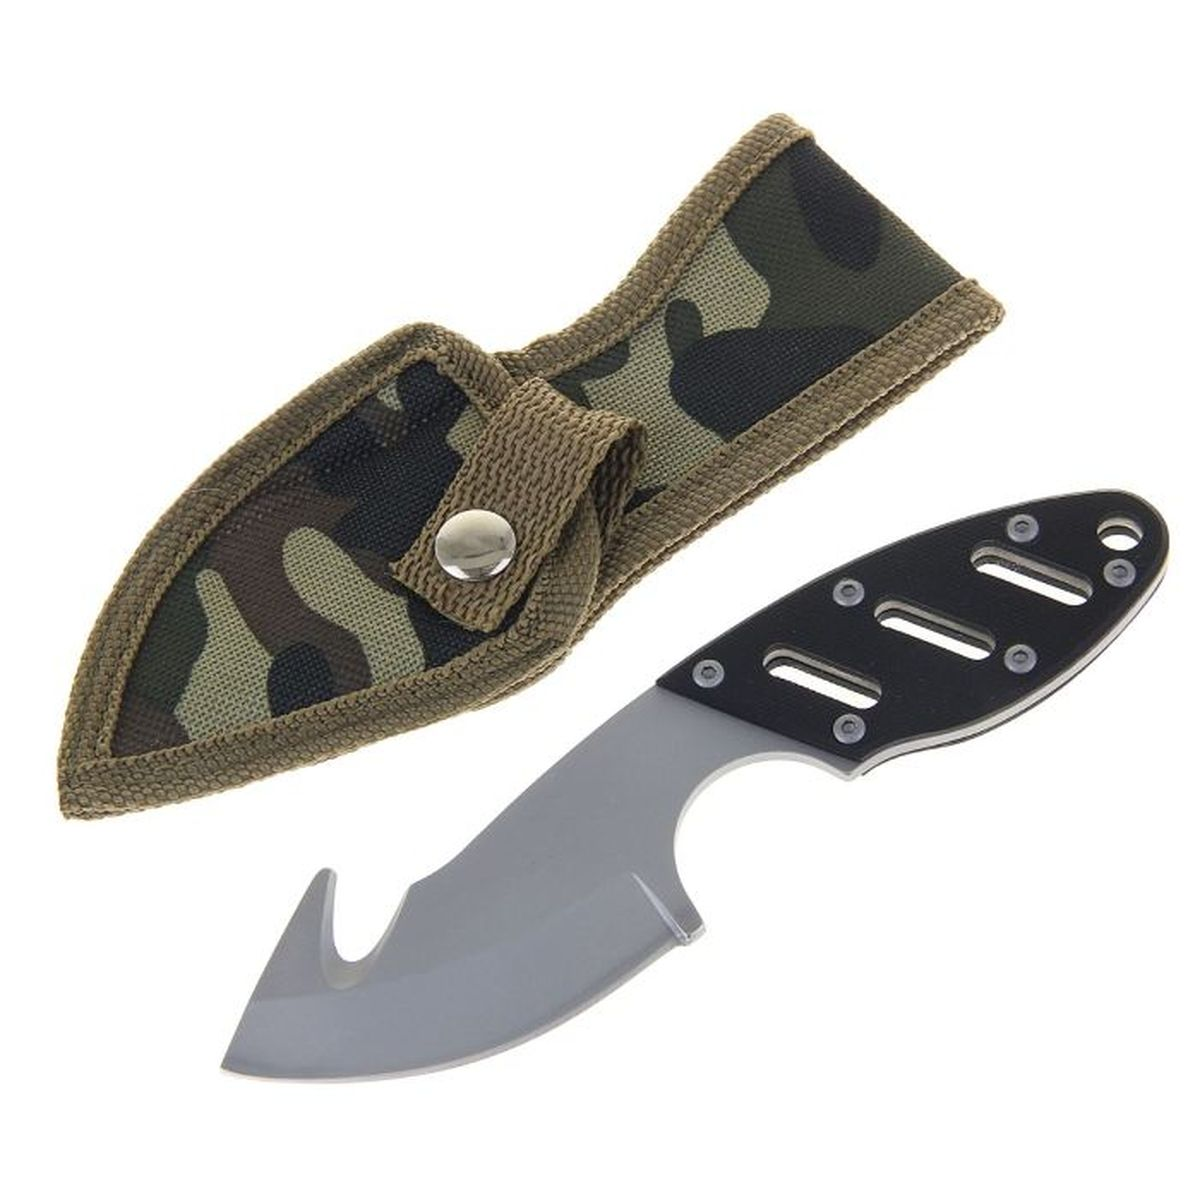 Нож туристический Sima-land, с открывалкой, 16 см. 11541871.3703Нож Sima-land выполнен из стали, оснащен открывалкой. Нож практически не подвержен износу и способен служить годами. Такой инструмент будет вашим постоянным спутником во время охоты или рыбалки.Нож - неотъемлемый атрибут настоящего мужчины. Издревле ножи и клинки вручались знатным особам за проявление отваги и чести на военной службе. Такие подарки очень ценились и становились семейными реликвиями. Сегодня нож - это прекрасный подарок, который подойдет любому мужчине.Размер: 16 х 0,5 х 3,5 см.В комплекте чехол из текстиля.